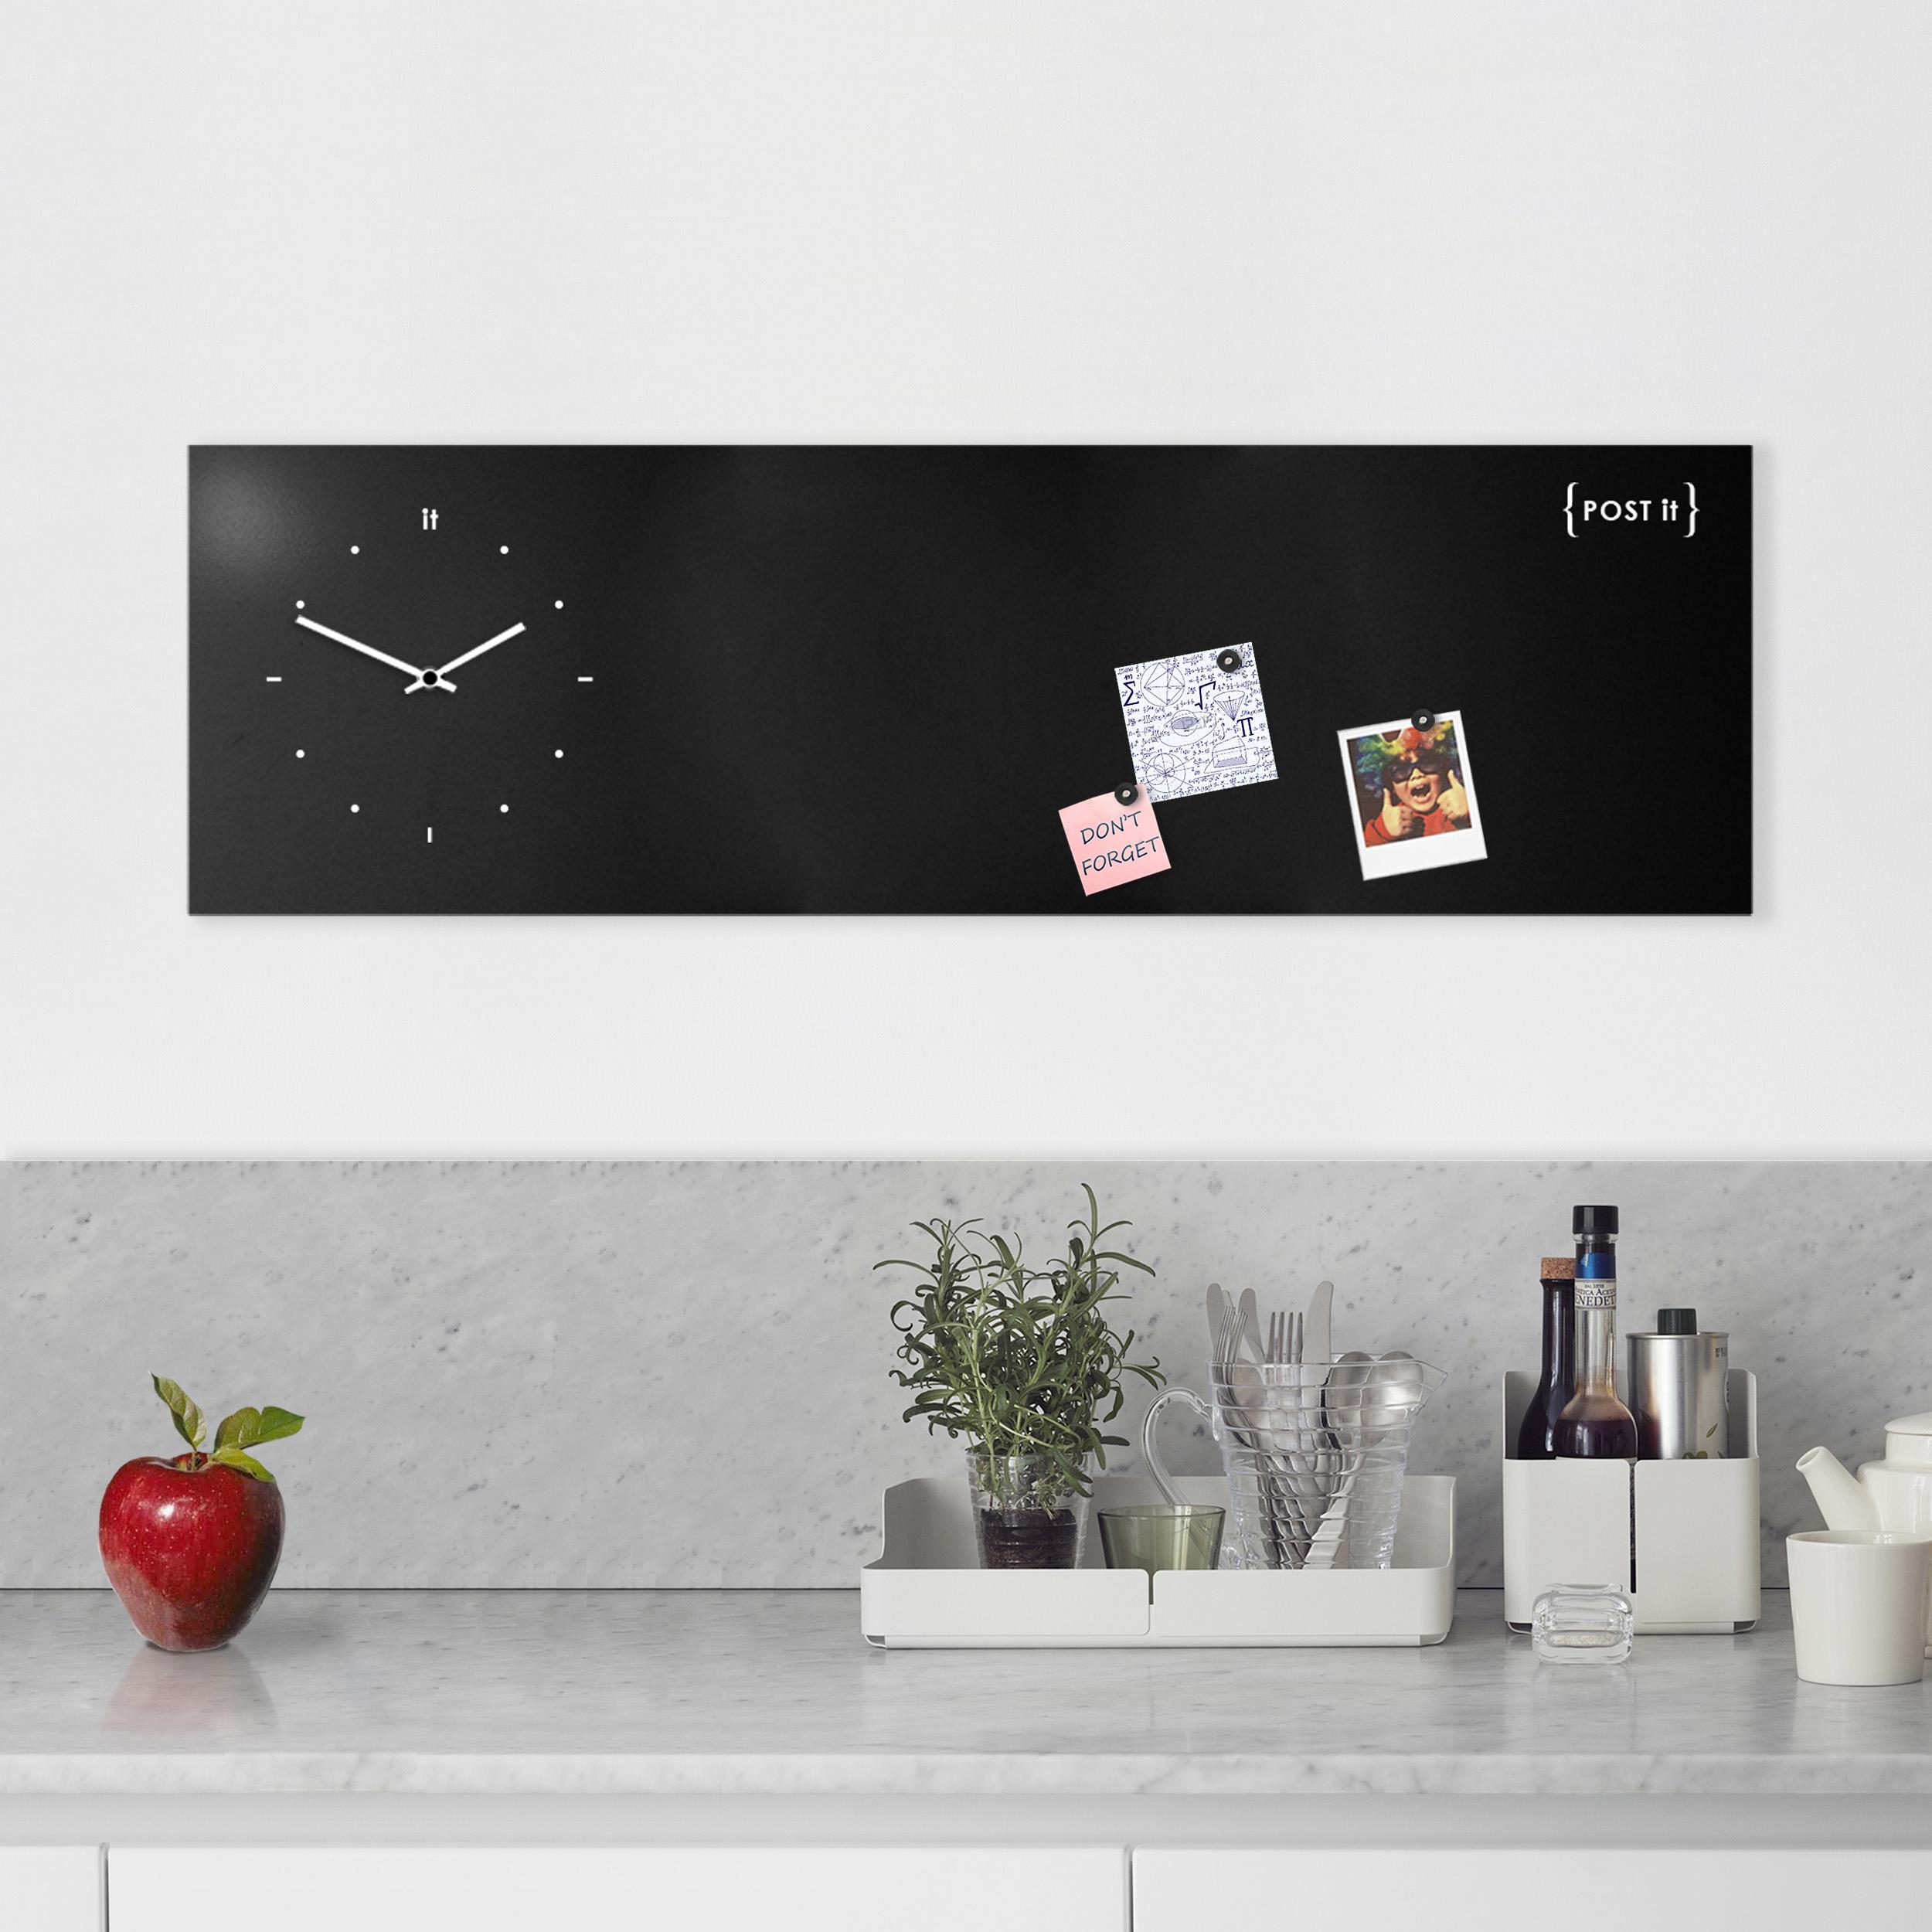 Lavagna Da Parete Cucina design-clock-magnetic-board-orologio-lavagna-magnetica-post